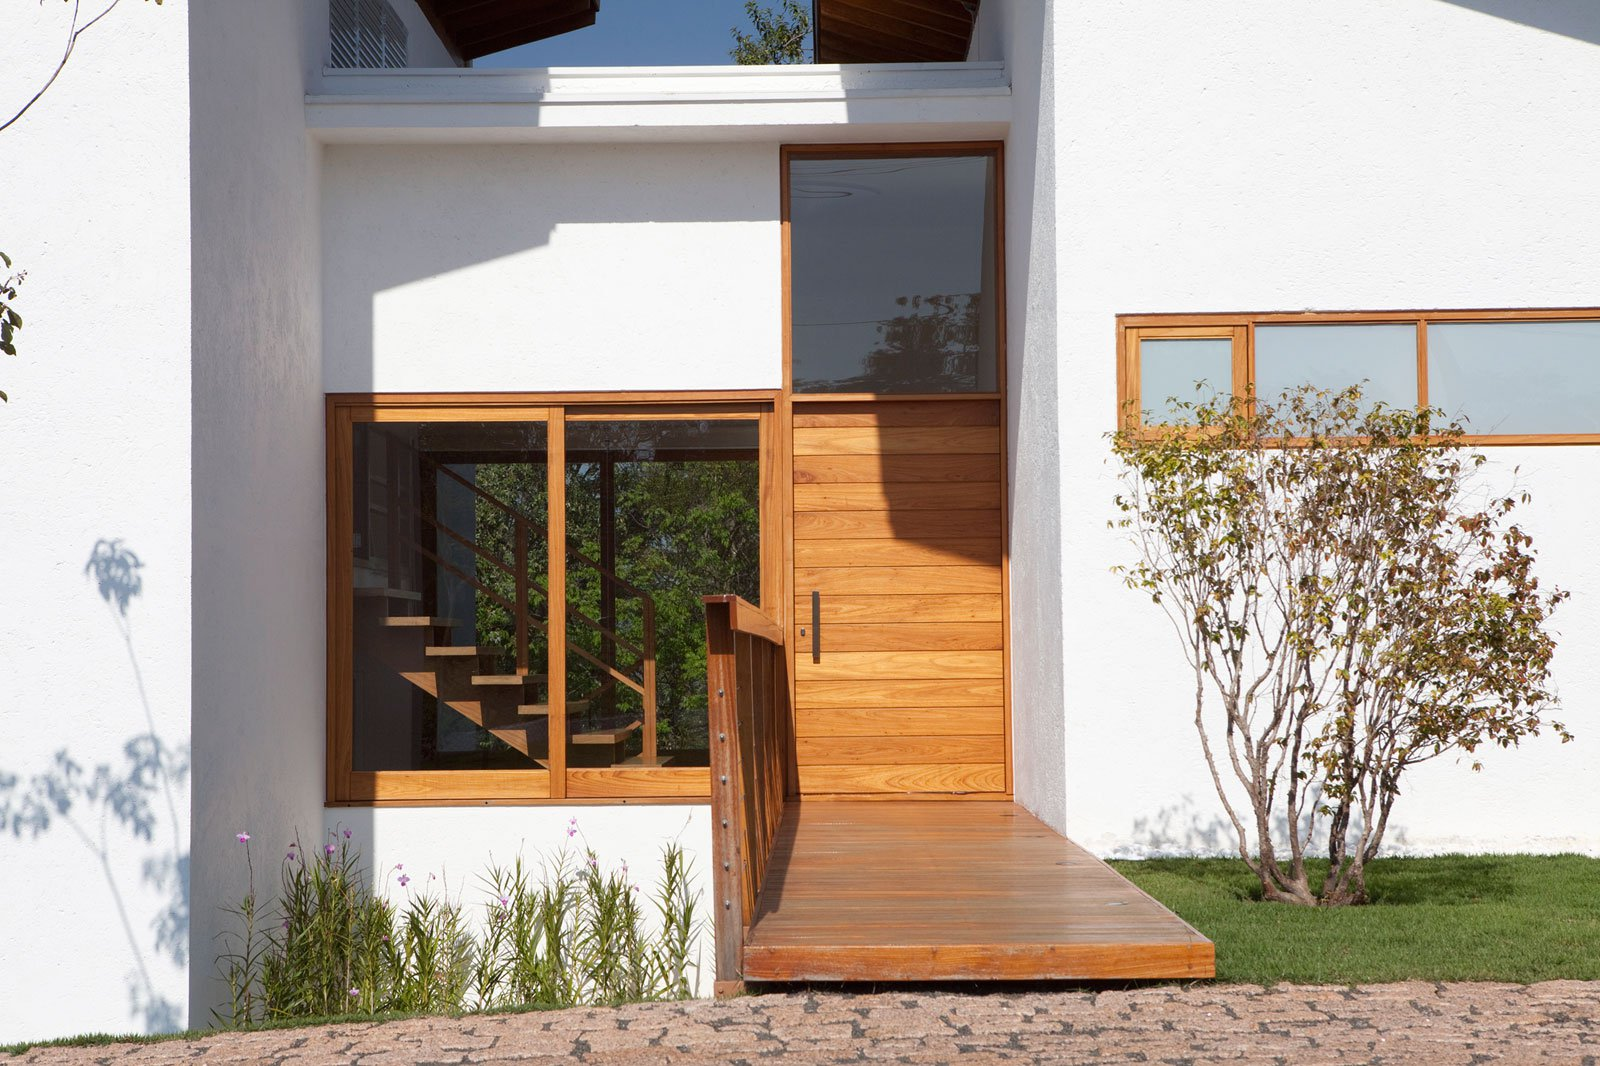 Casa de campo de madera y hormig n de 280 metros cuadrados for Puerta de ingreso principal